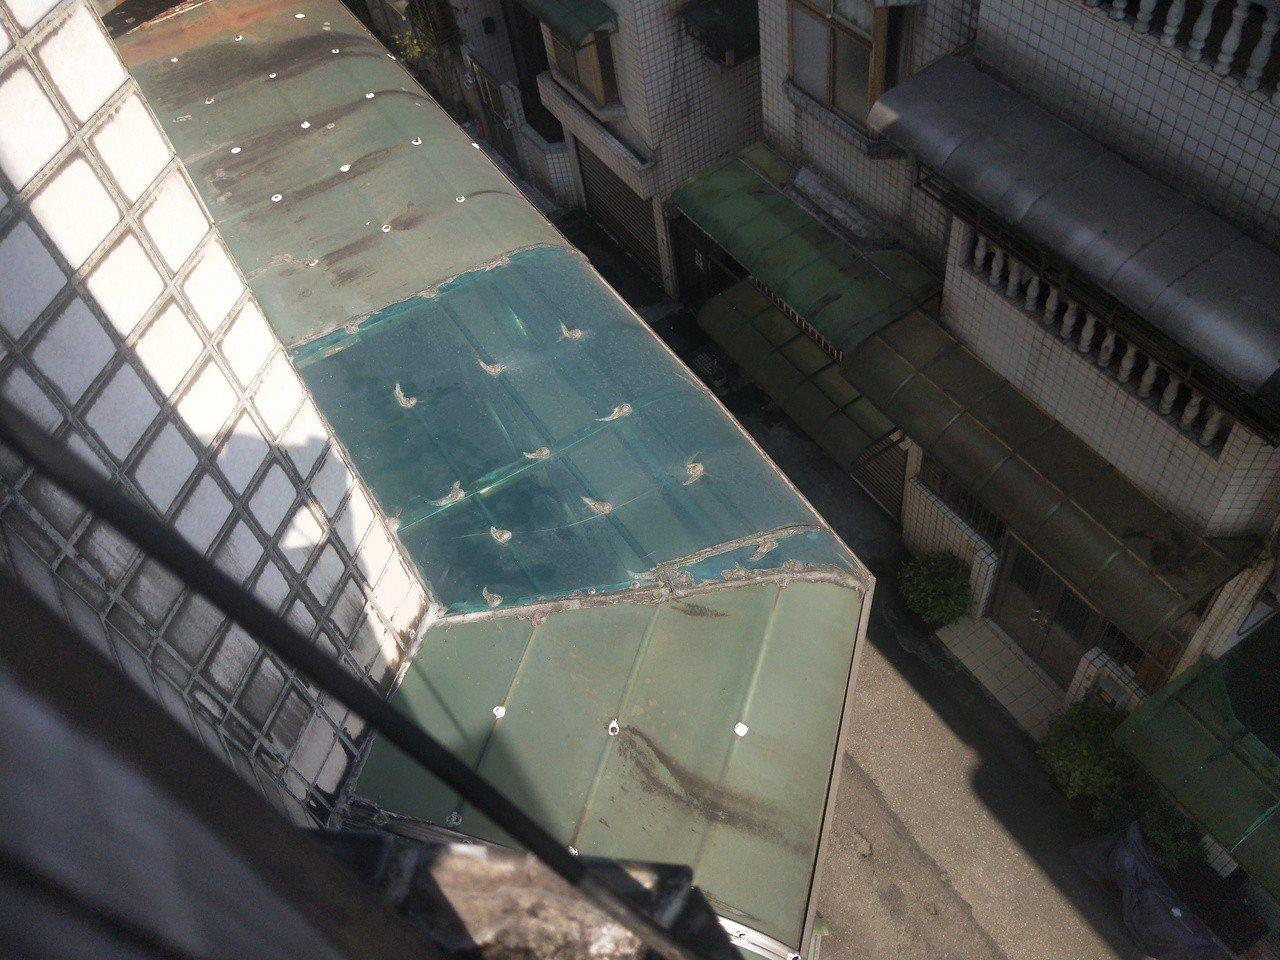 從5樓樓梯間往下看,十分危險,婦人從此處爬下攀爬到4樓遮雨棚。記者游明煌/攝影